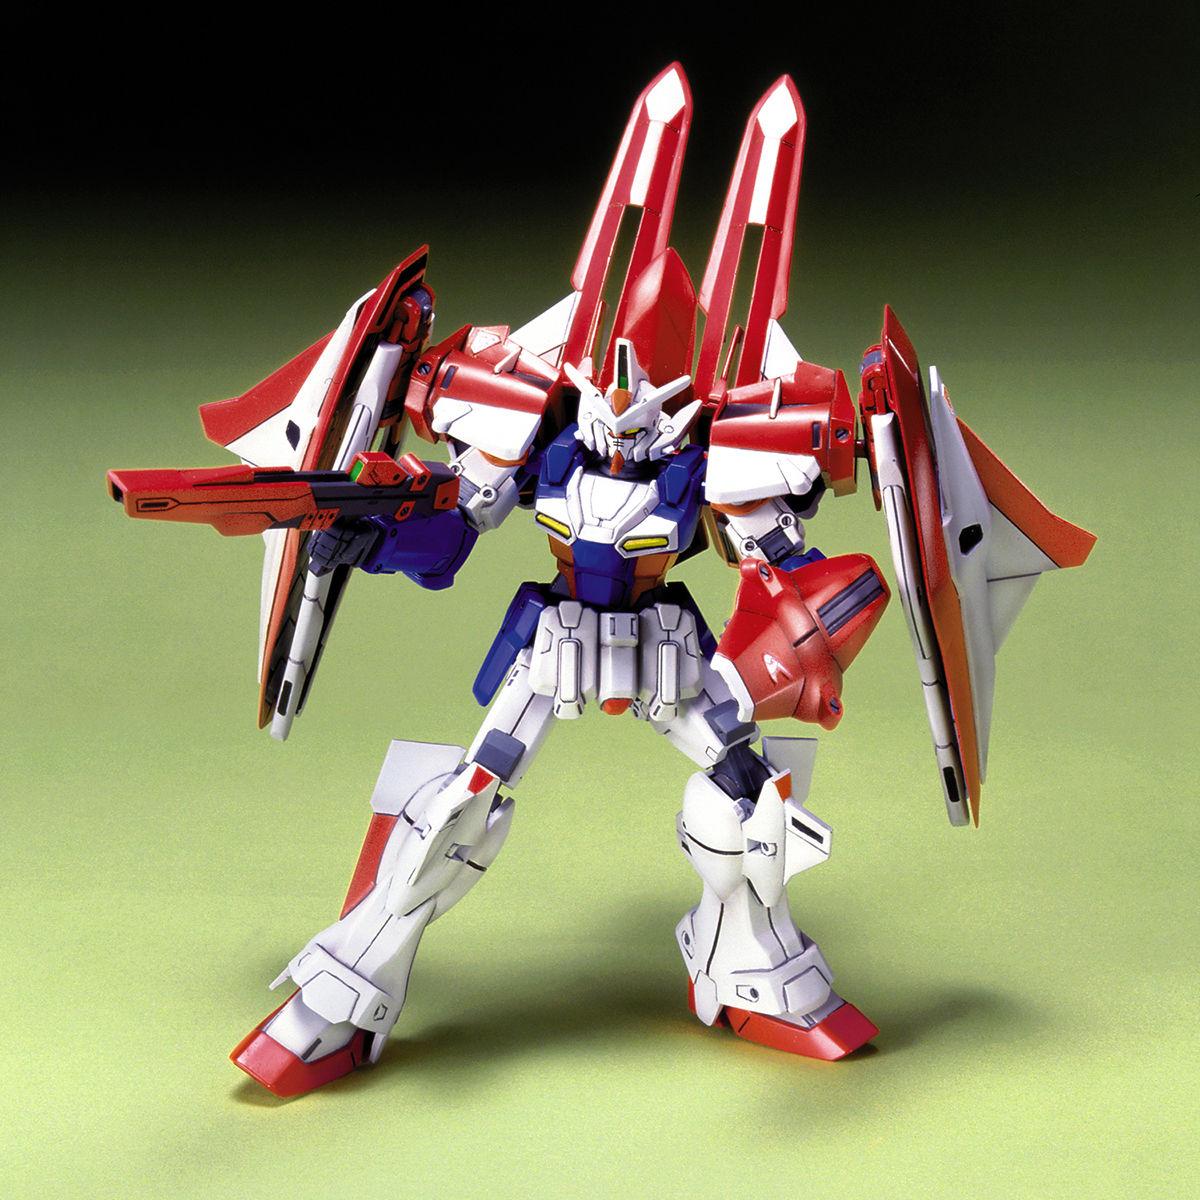 7668HG 1/144 OZX-GU01LOB ガンダムエルオーブースター [Gundam L.O. Booster]